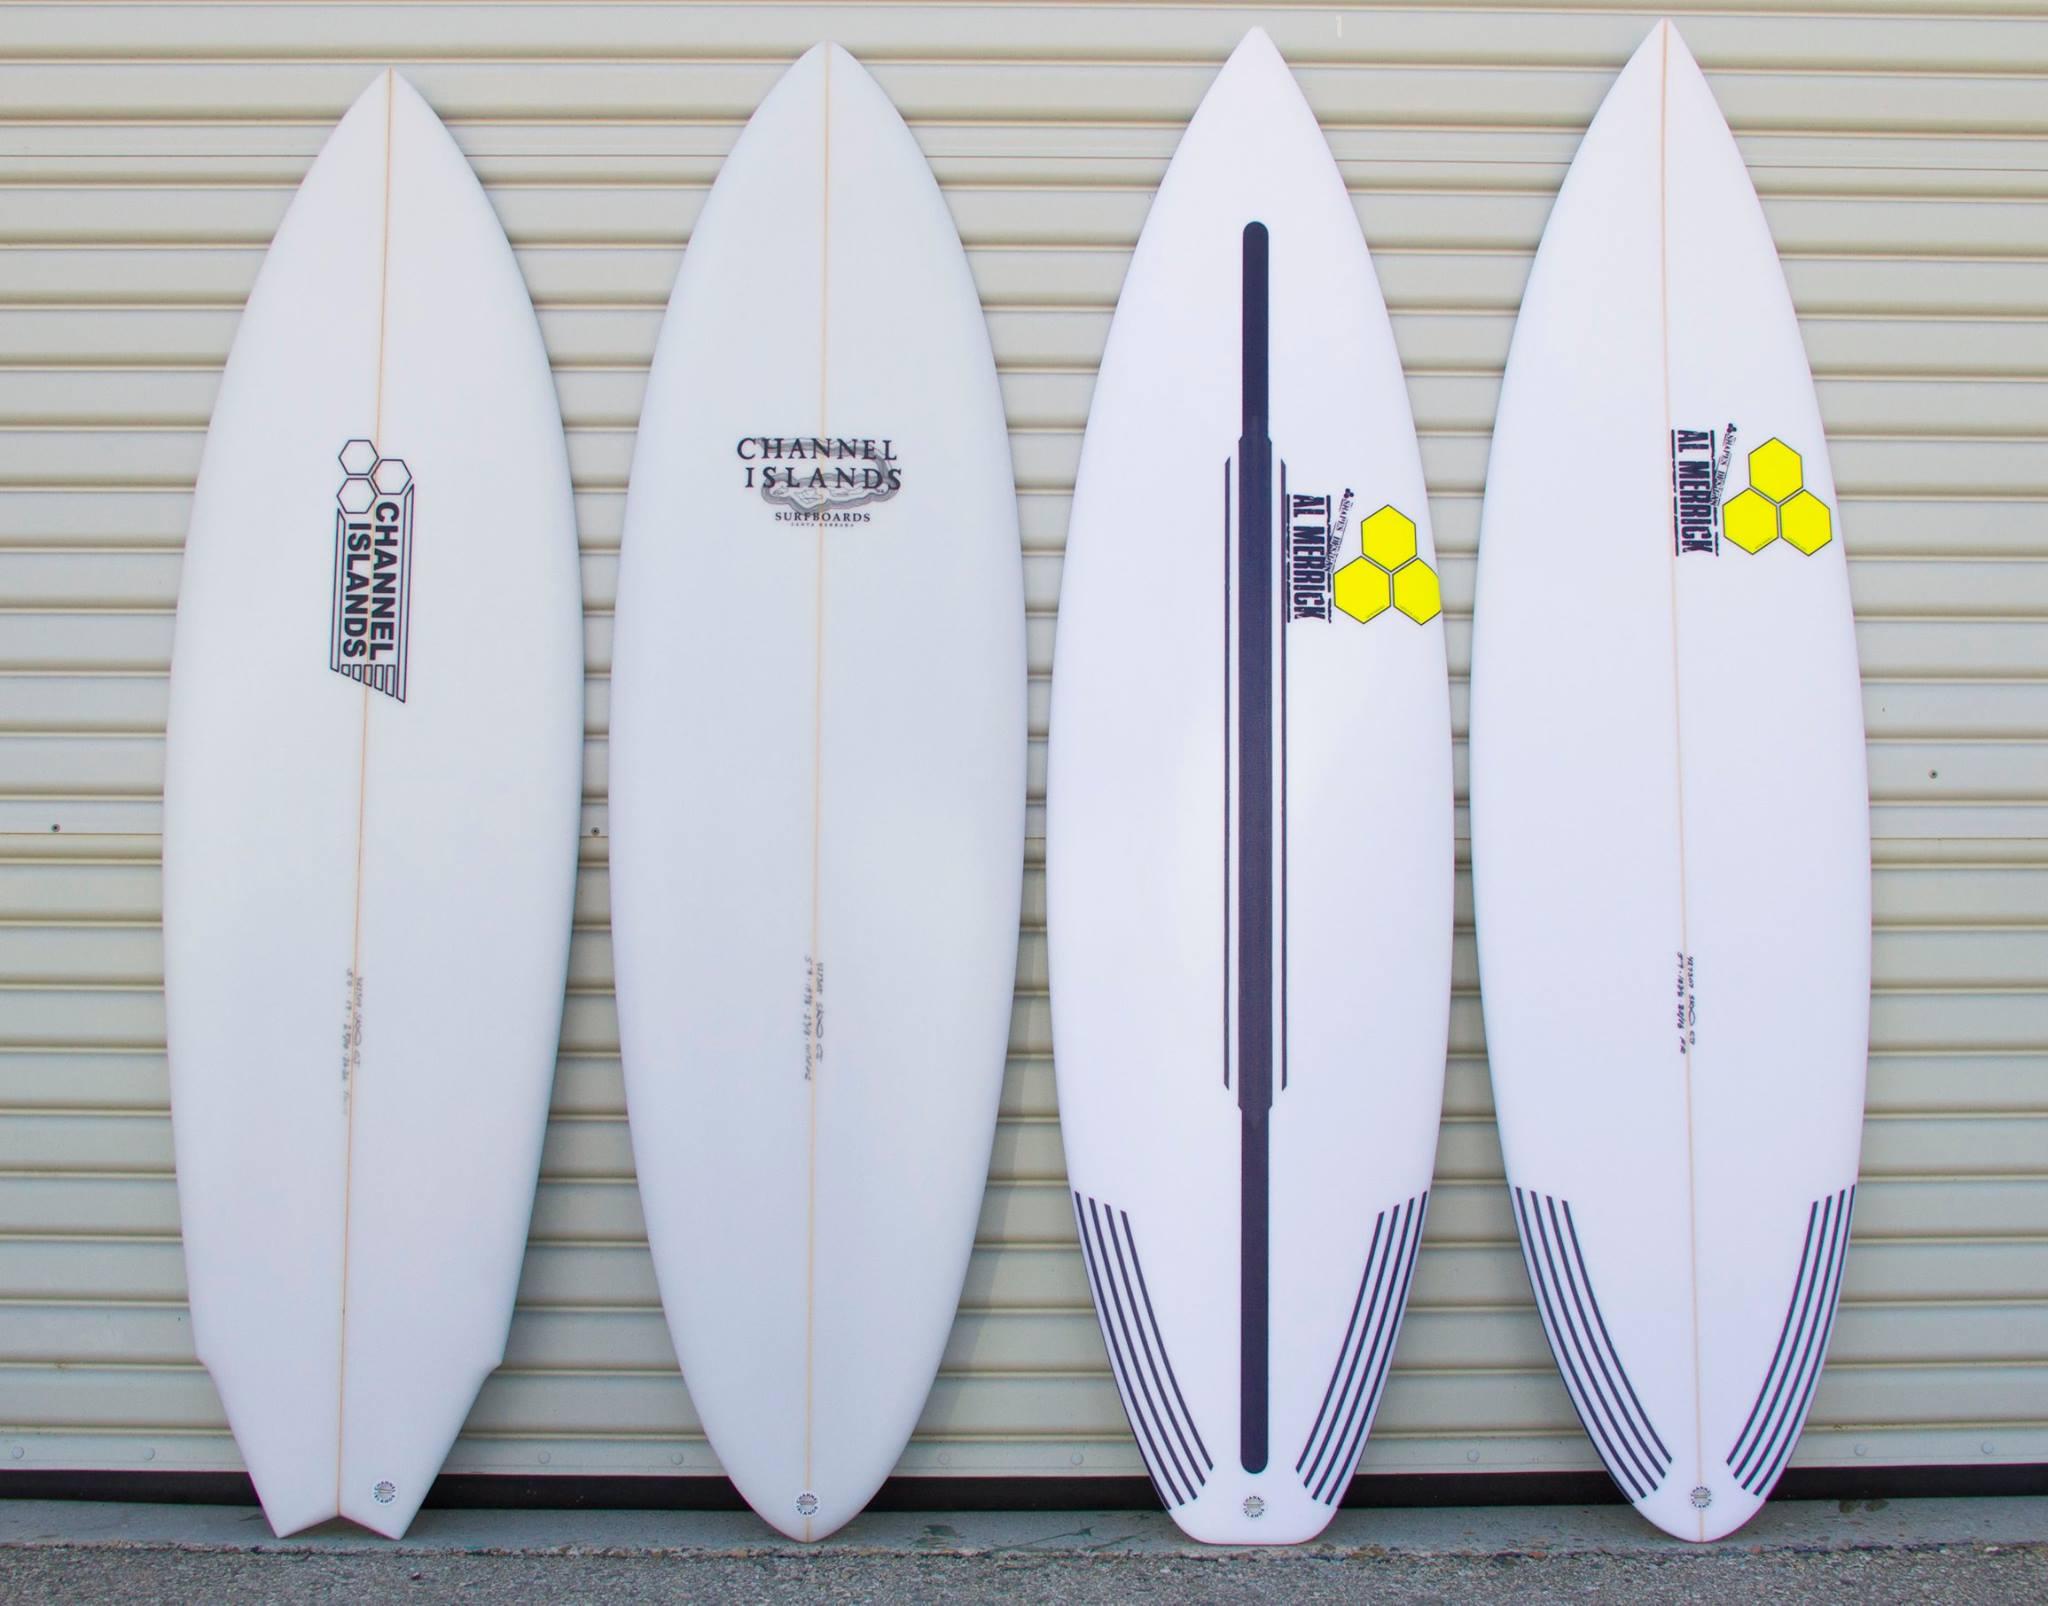 Nuevo pedido de tablas en True Surf Concept Store